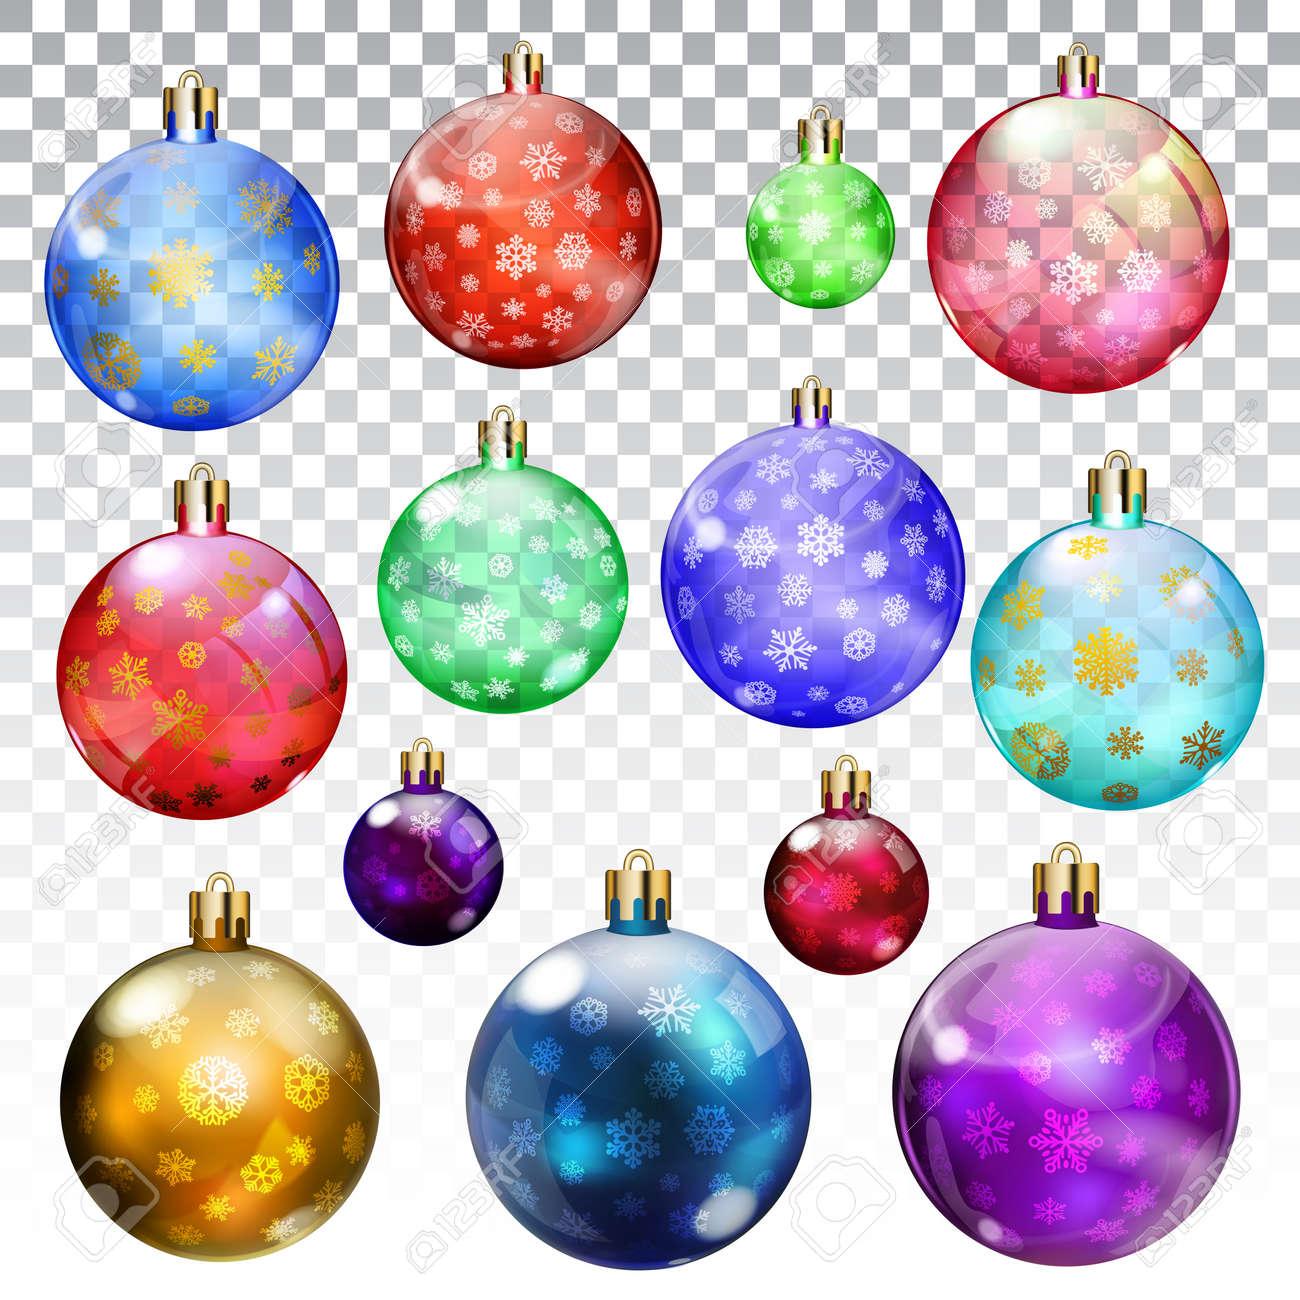 Conjunto De Bolas De Navidad Transparentes Y Opacas Con Copos De - Bolas-de-navidad-transparentes